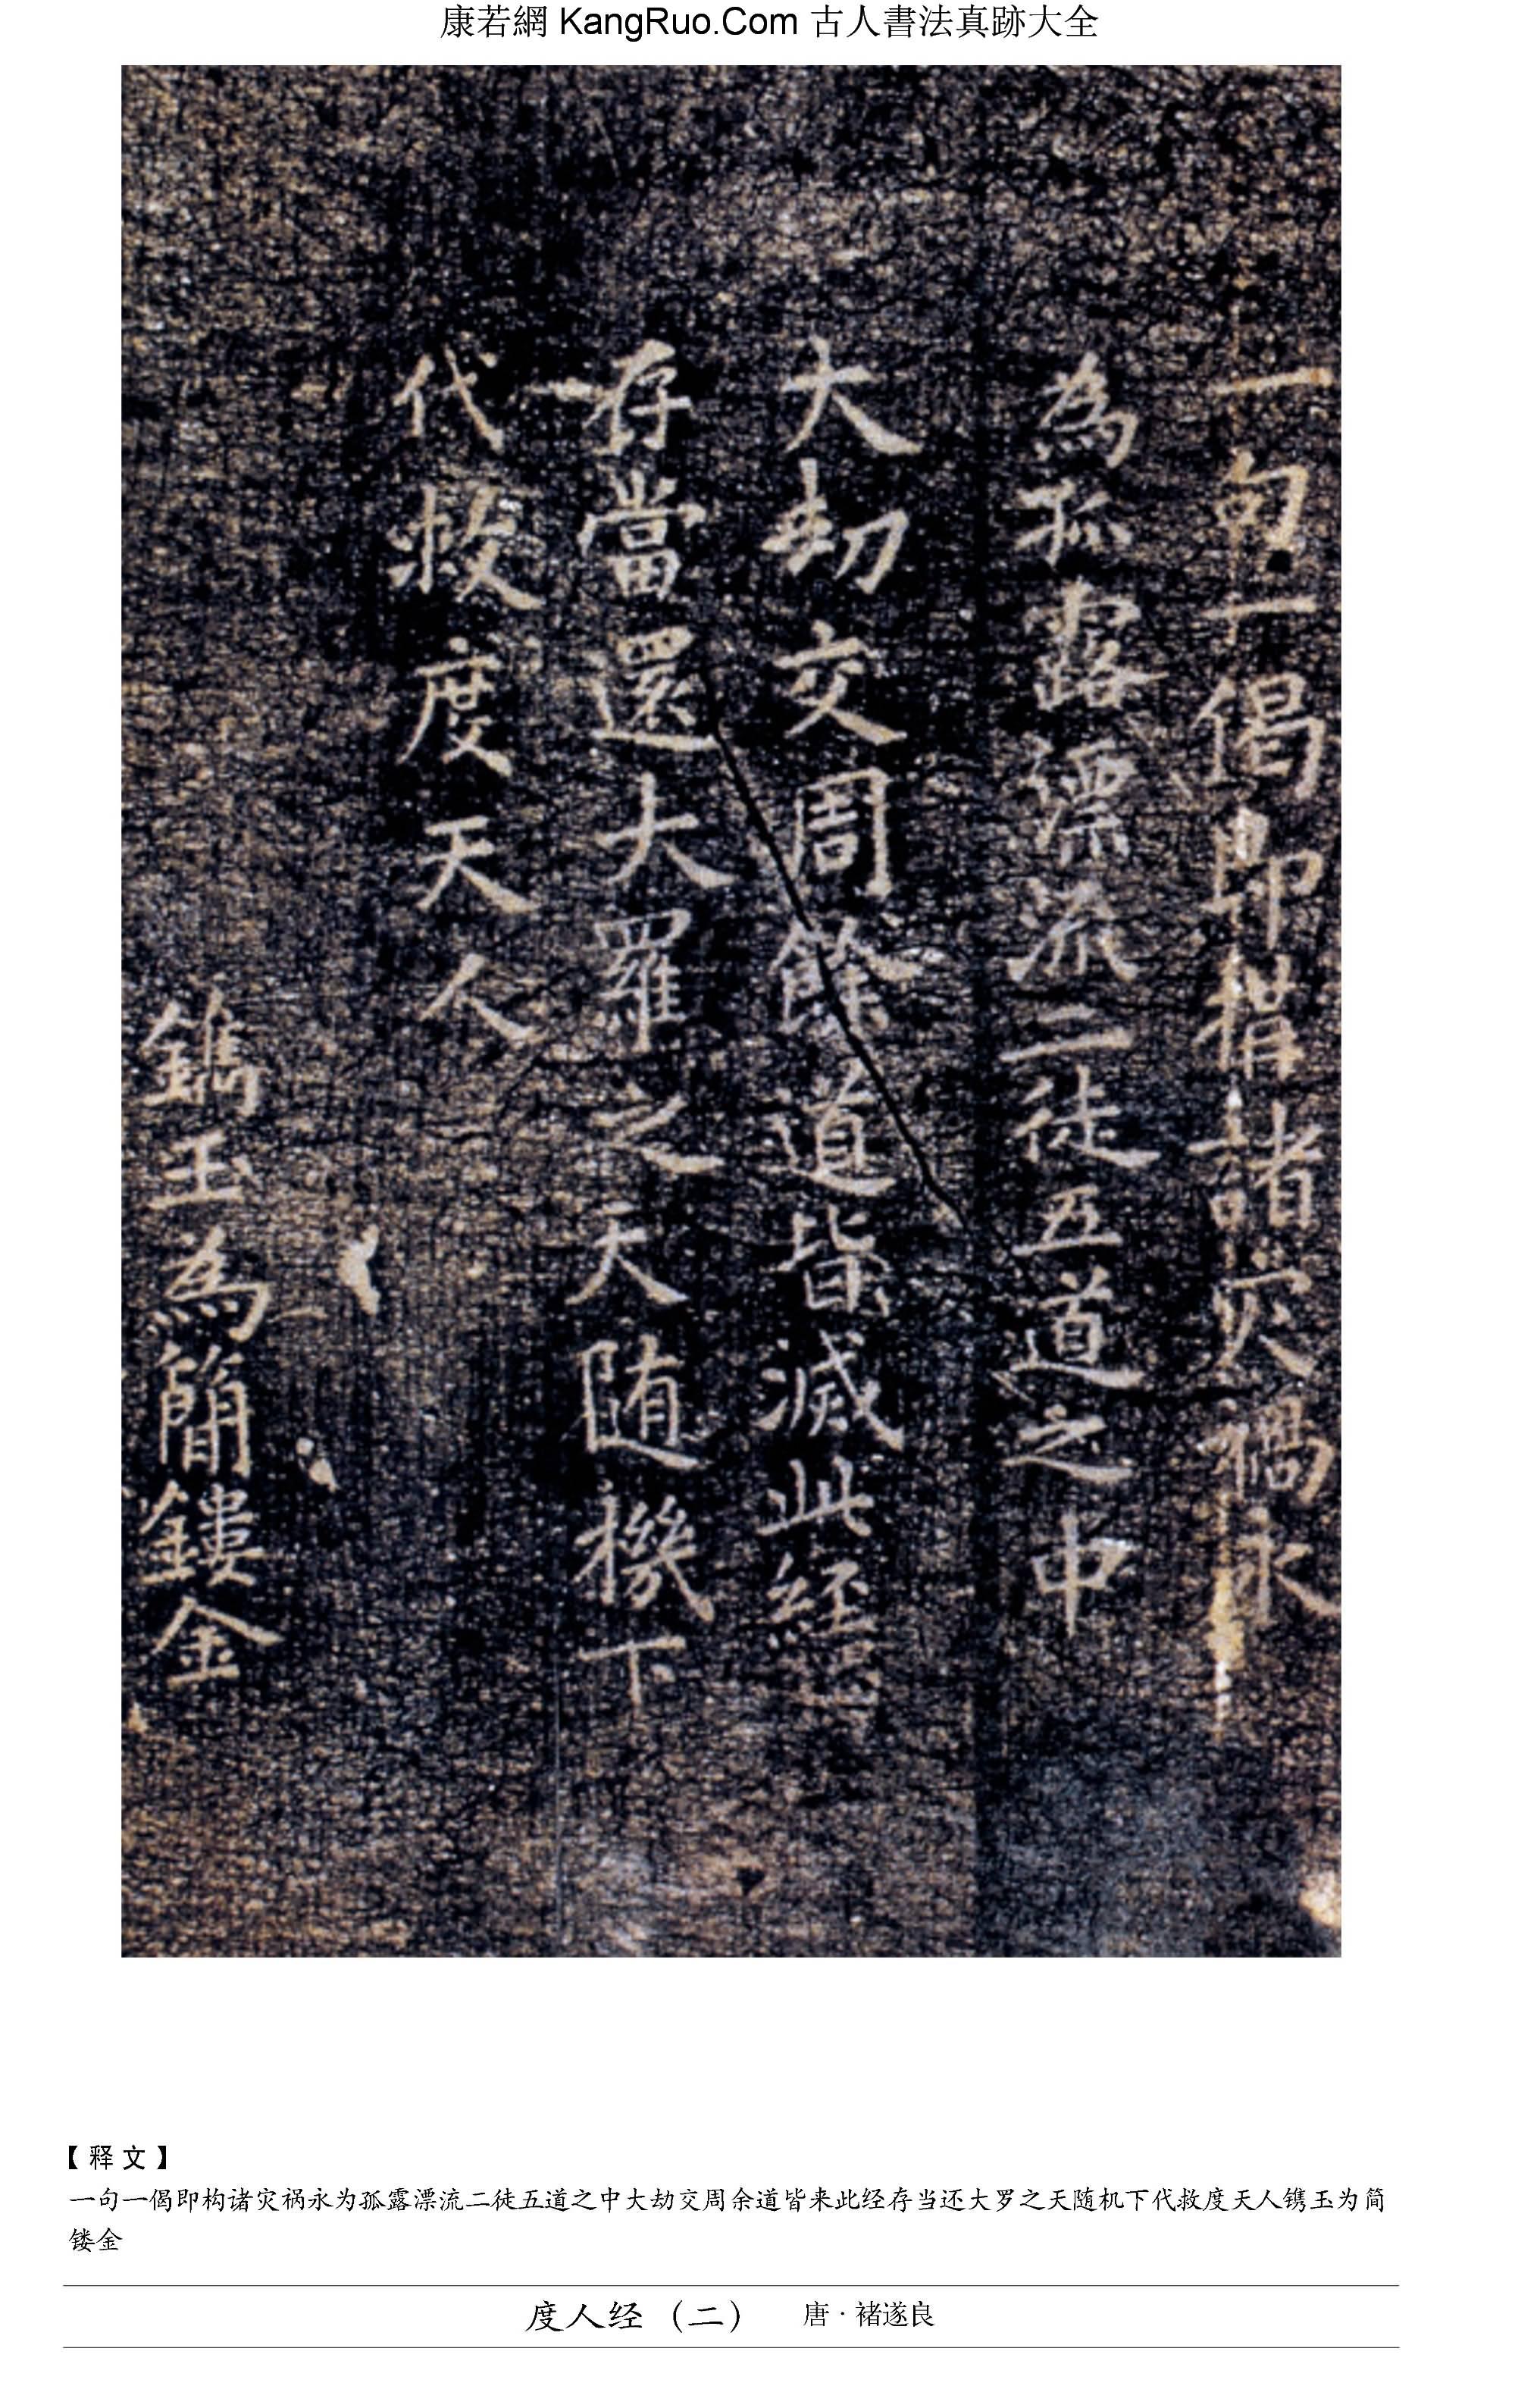 《度人經》墨紙拓本書法真跡(小楷)【唐代·褚遂良】_00060